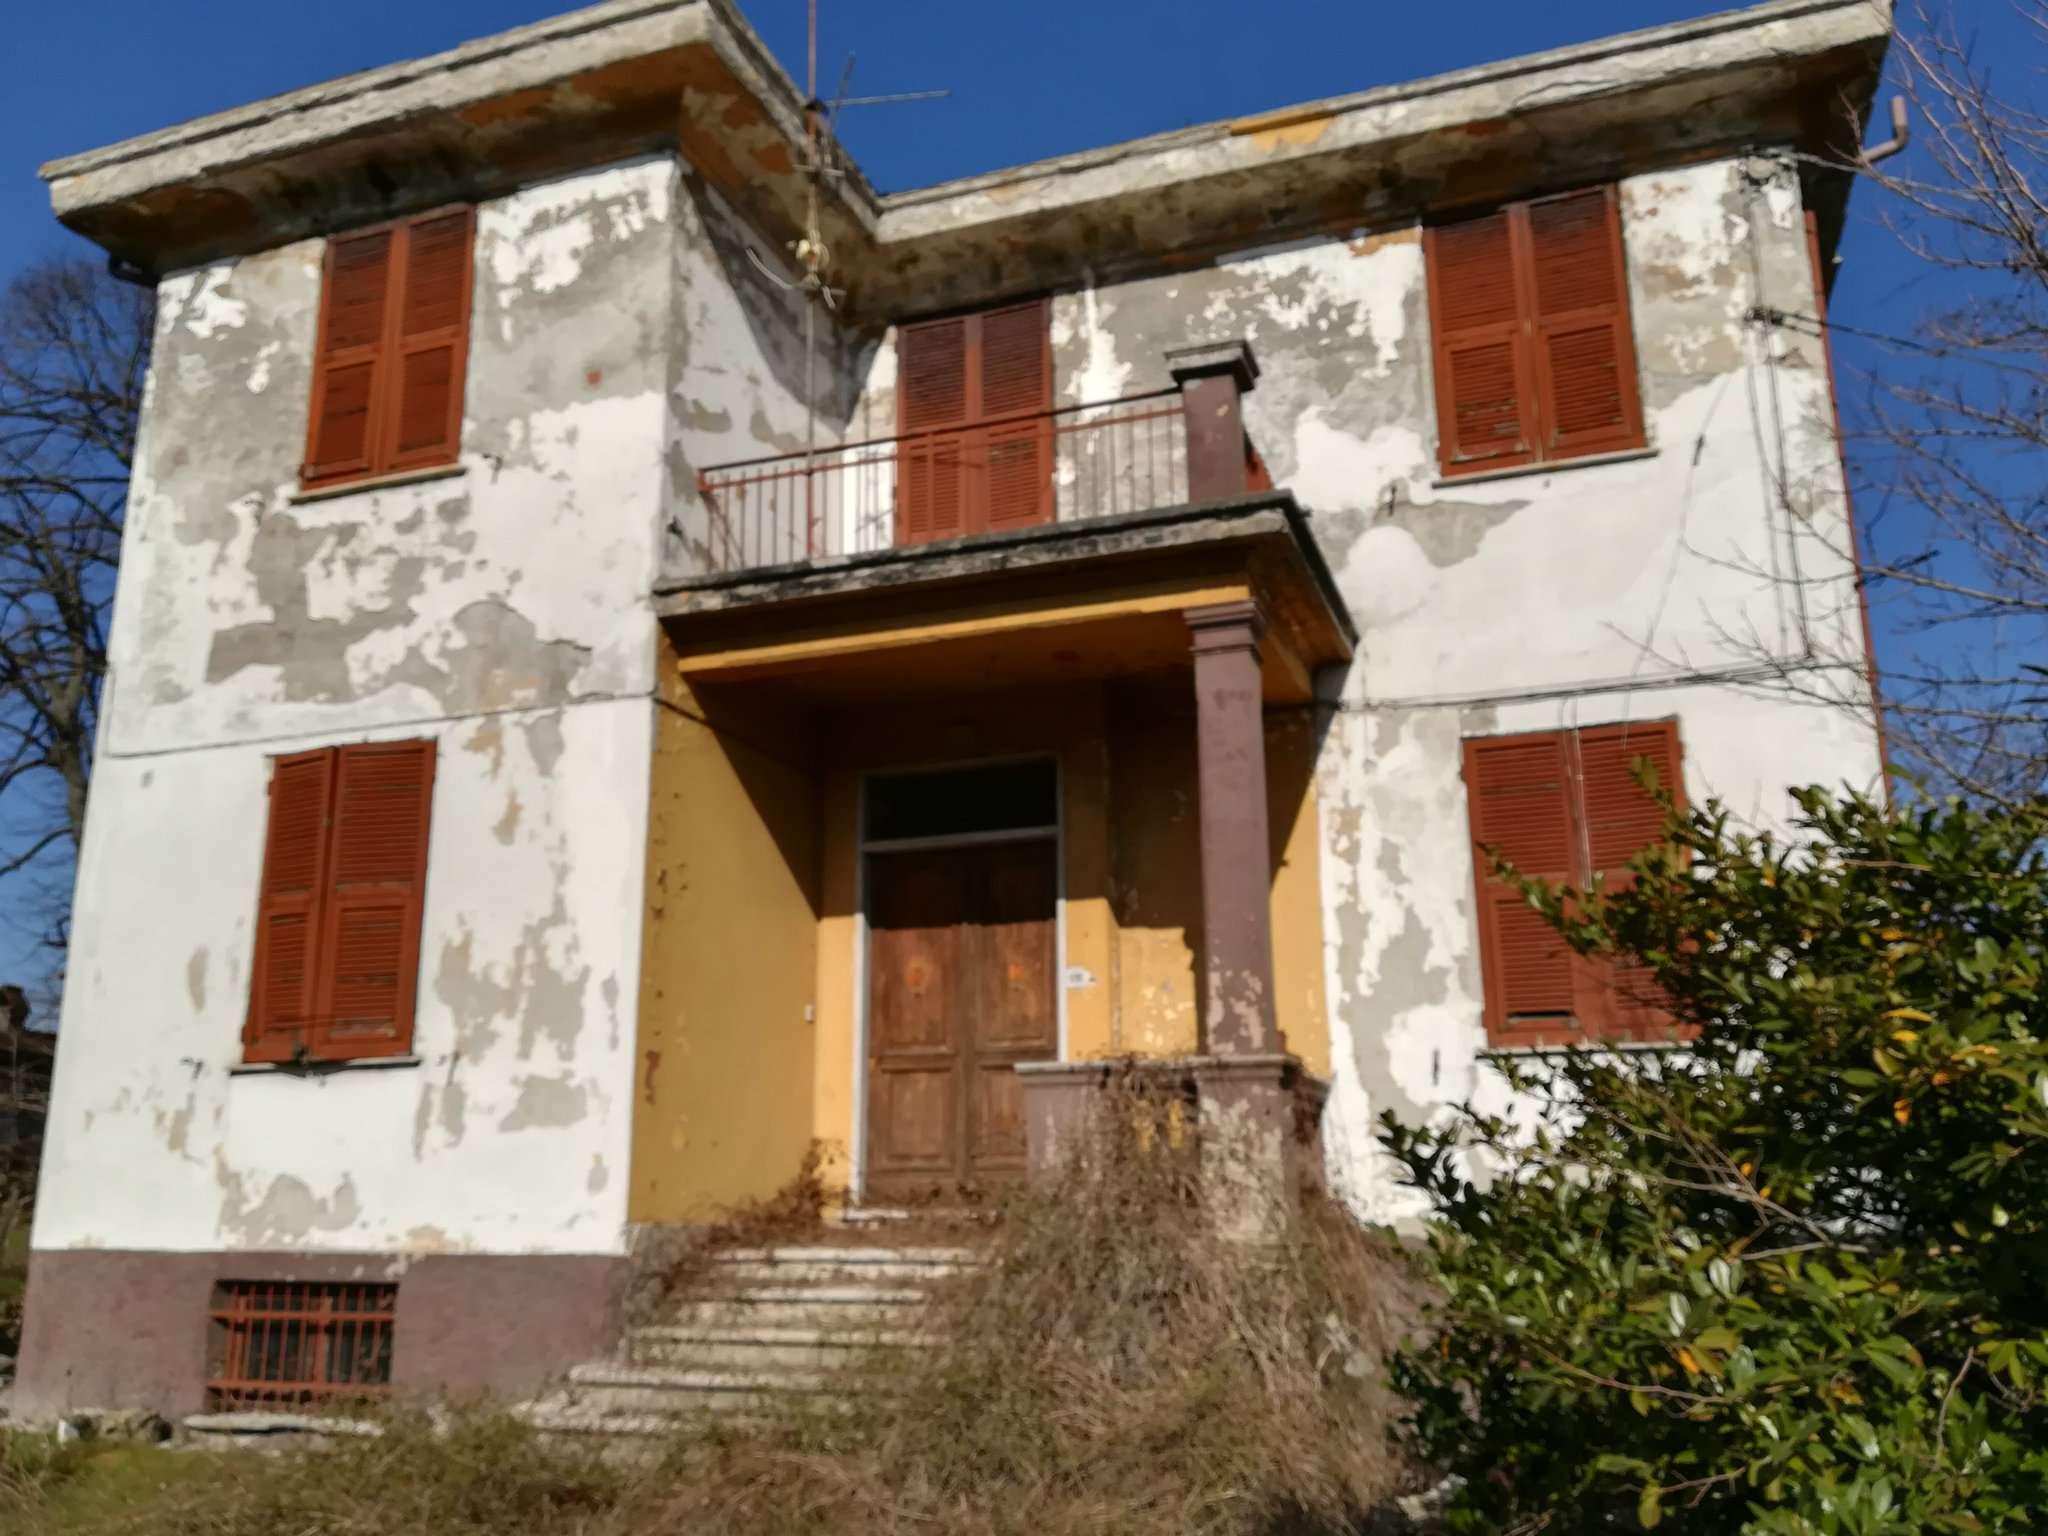 Foto 1 di Casa indipendente via fabbriche, Serravalle Scrivia